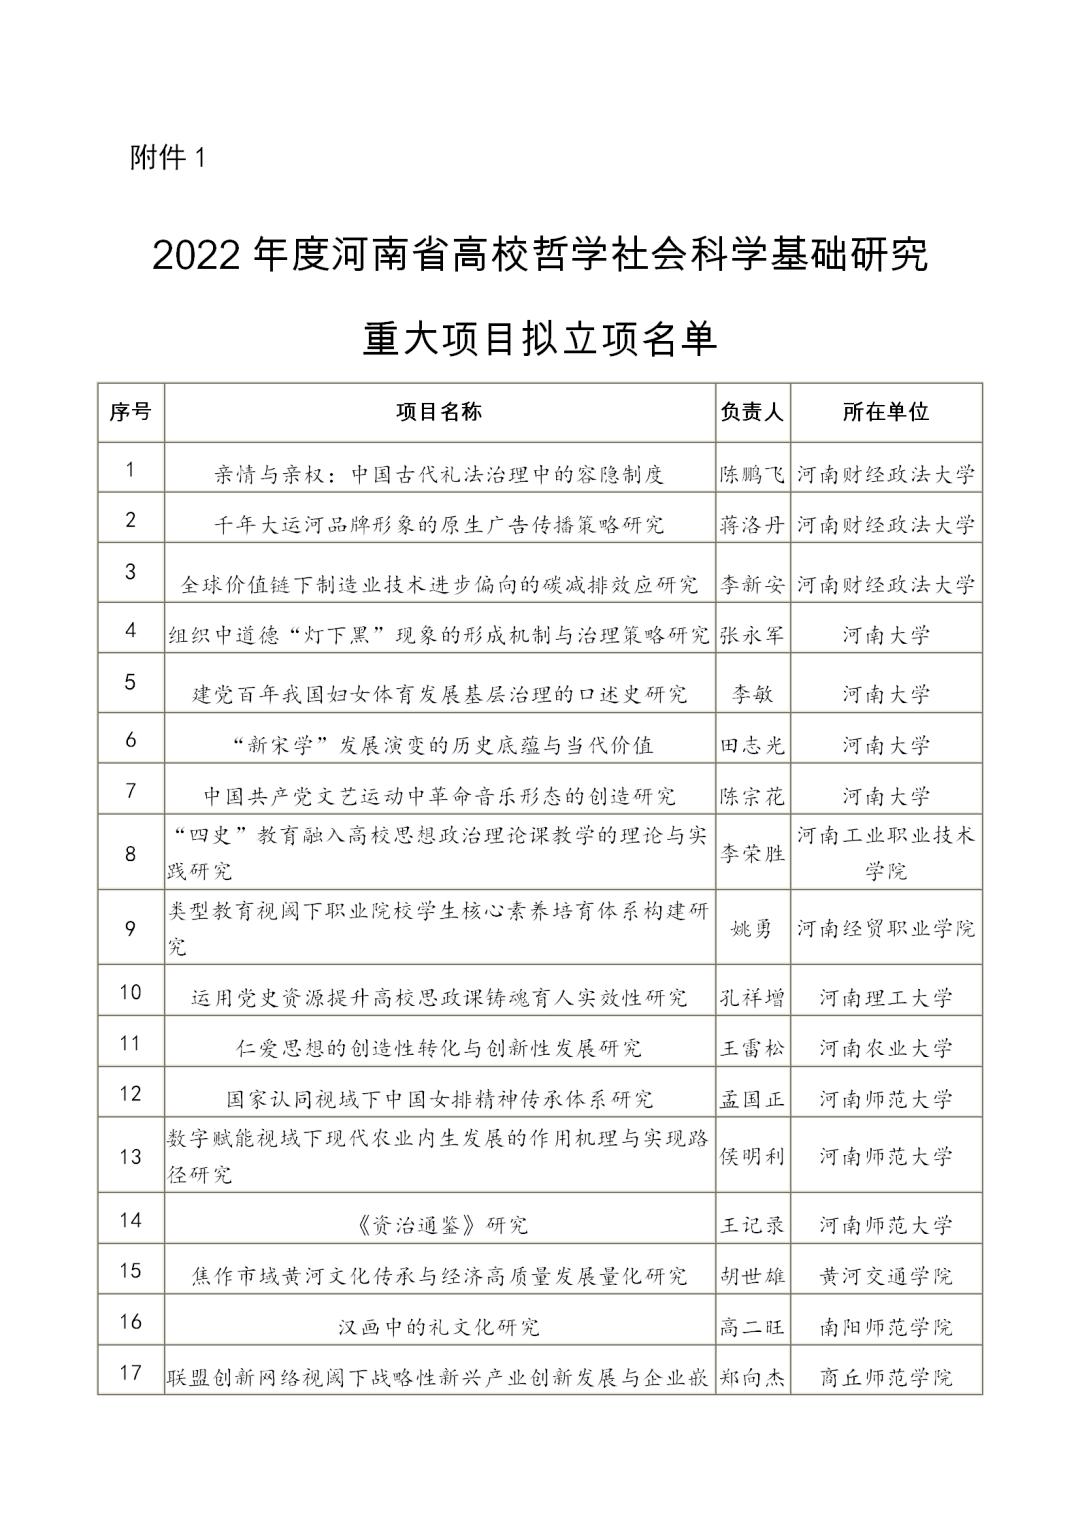 2022年度河南省高等学校哲学社会科学研究重大项目拟立项名单公示!